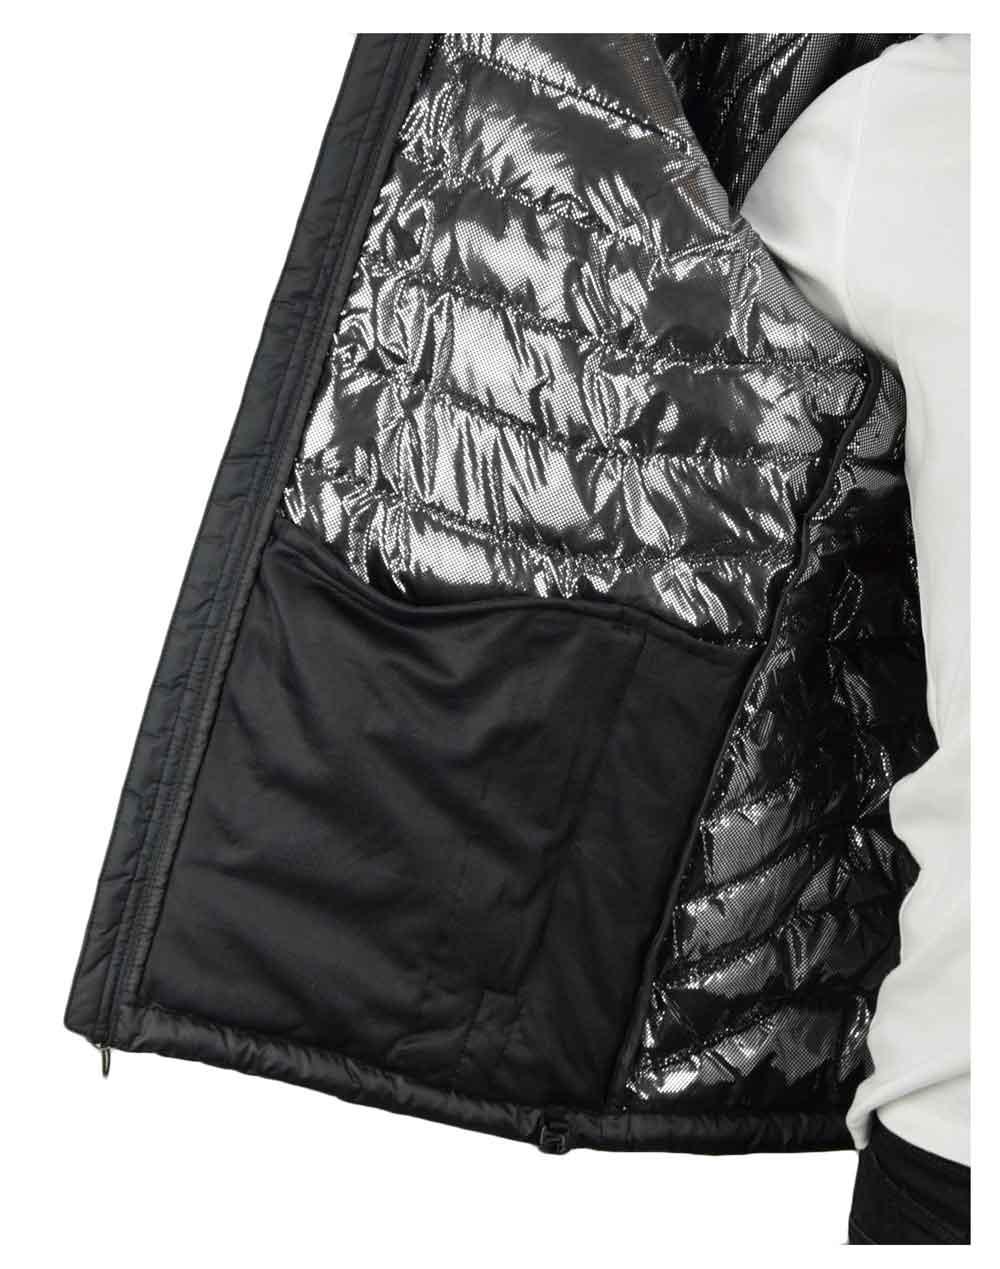 Columbia Powder Lite Jacket (WO1111-012) Black